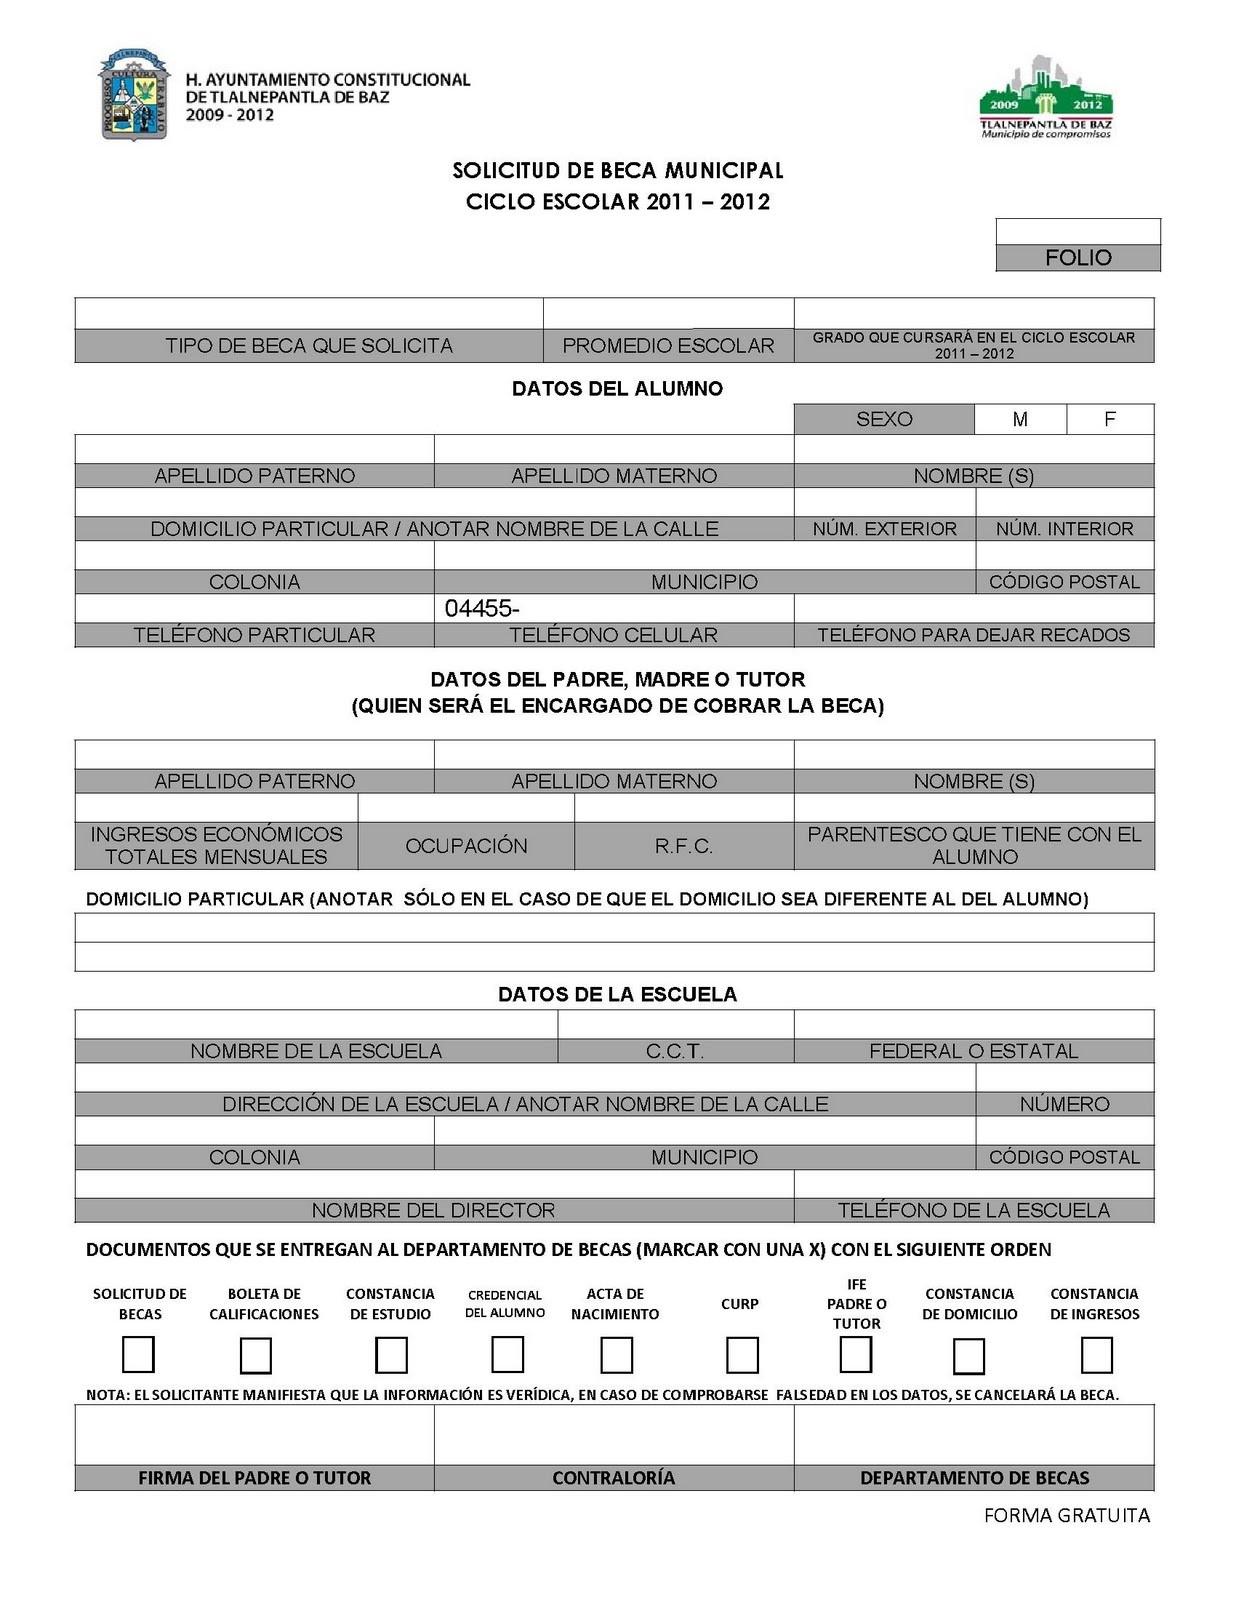 Calendario Escolar 2018 Y 2019 Telesecundaria Más Actual Telesecundaria 15dtv0118w Manuel Mu±oz Lázaro 2011 Of Calendario Escolar 2018 Y 2019 Telesecundaria Mejores Y Más Novedosos De Estudio No Se